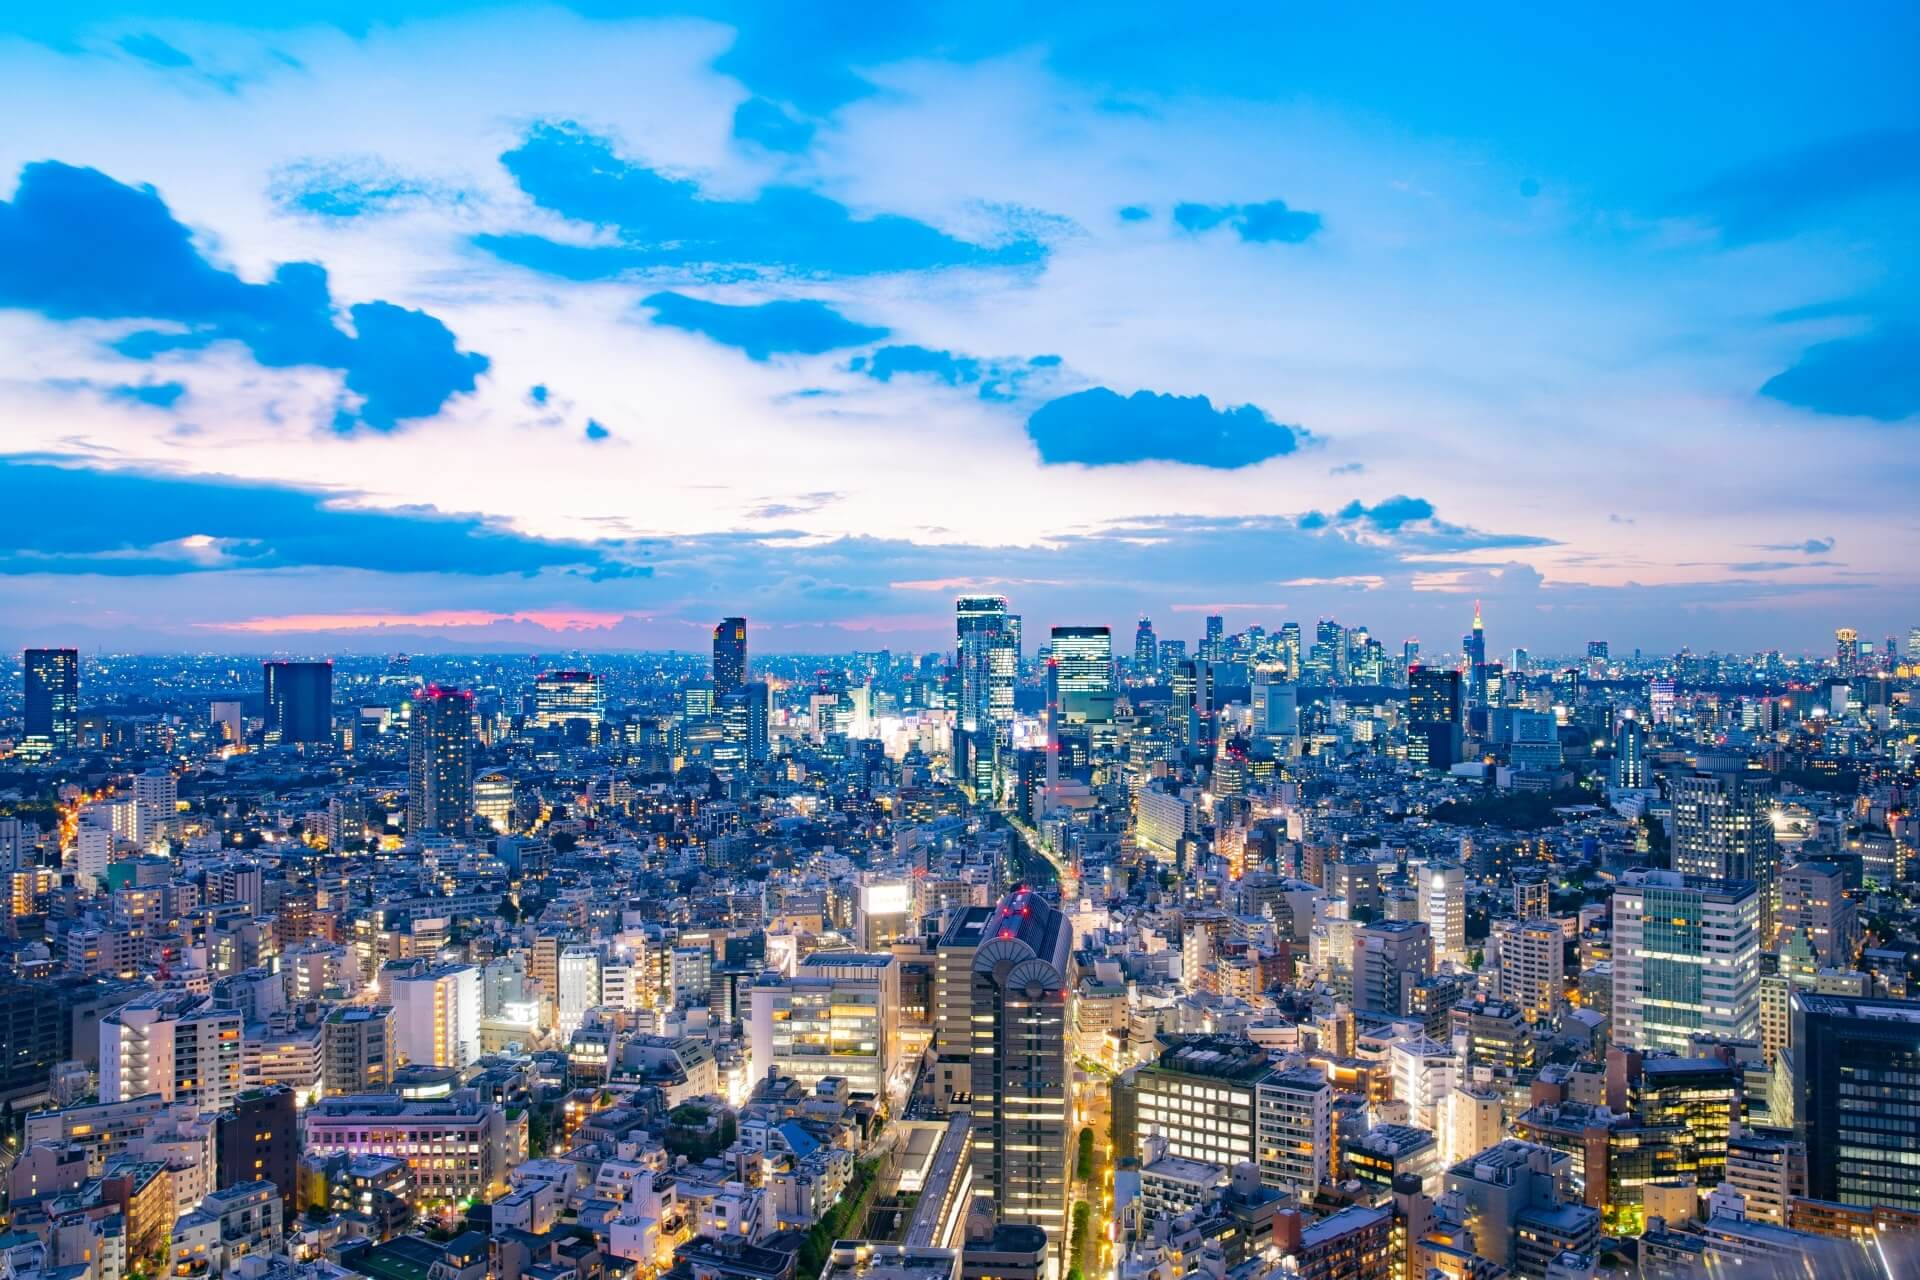 渋谷区周辺のイメージ画像